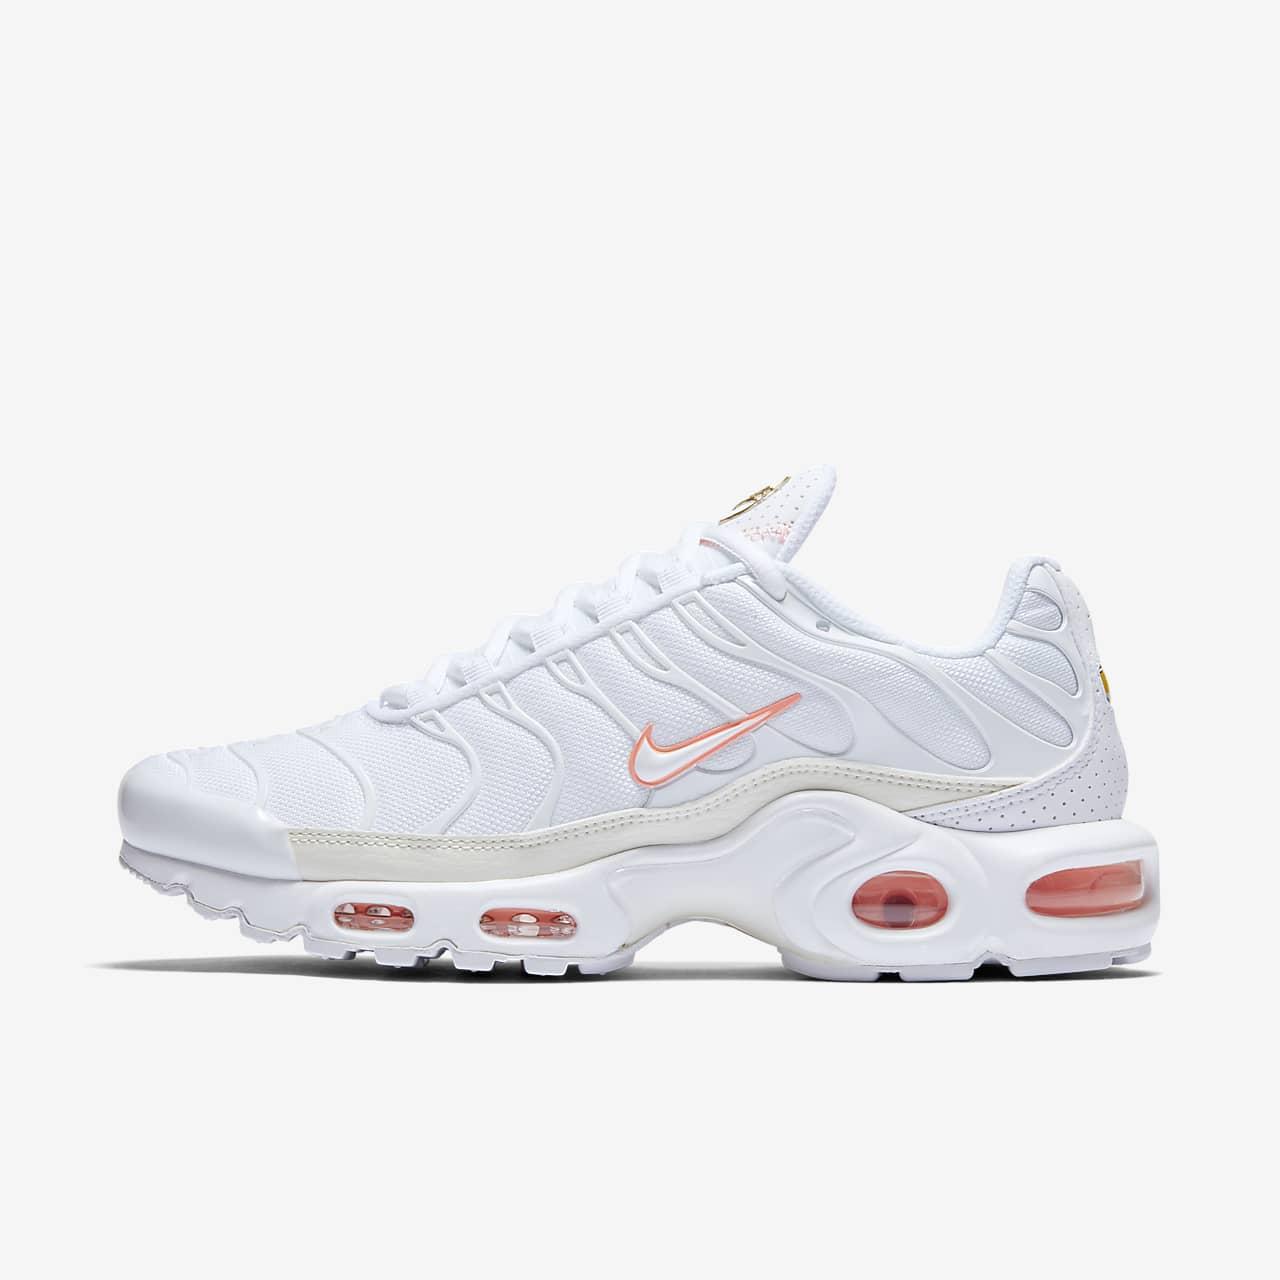 Air Max Plus Shoes. Nike GB